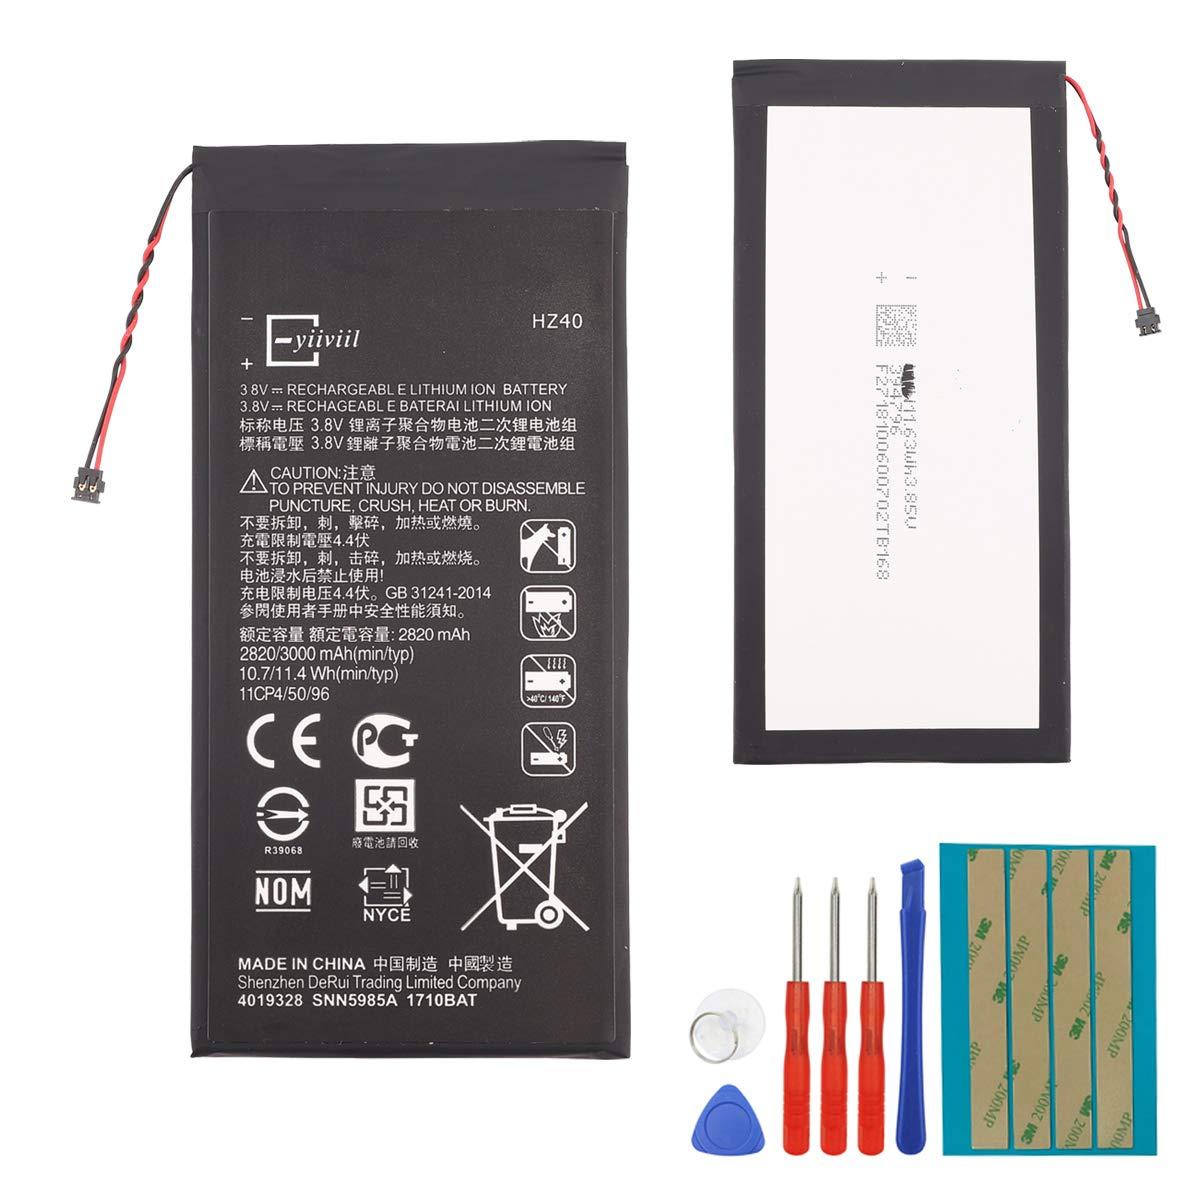 E-yiiviil - Batería de repuesto HZ40 compatible con Moto Z2 Play XT1710 SNN5985A 3,8 V con herramientas: Amazon.es: Electrónica